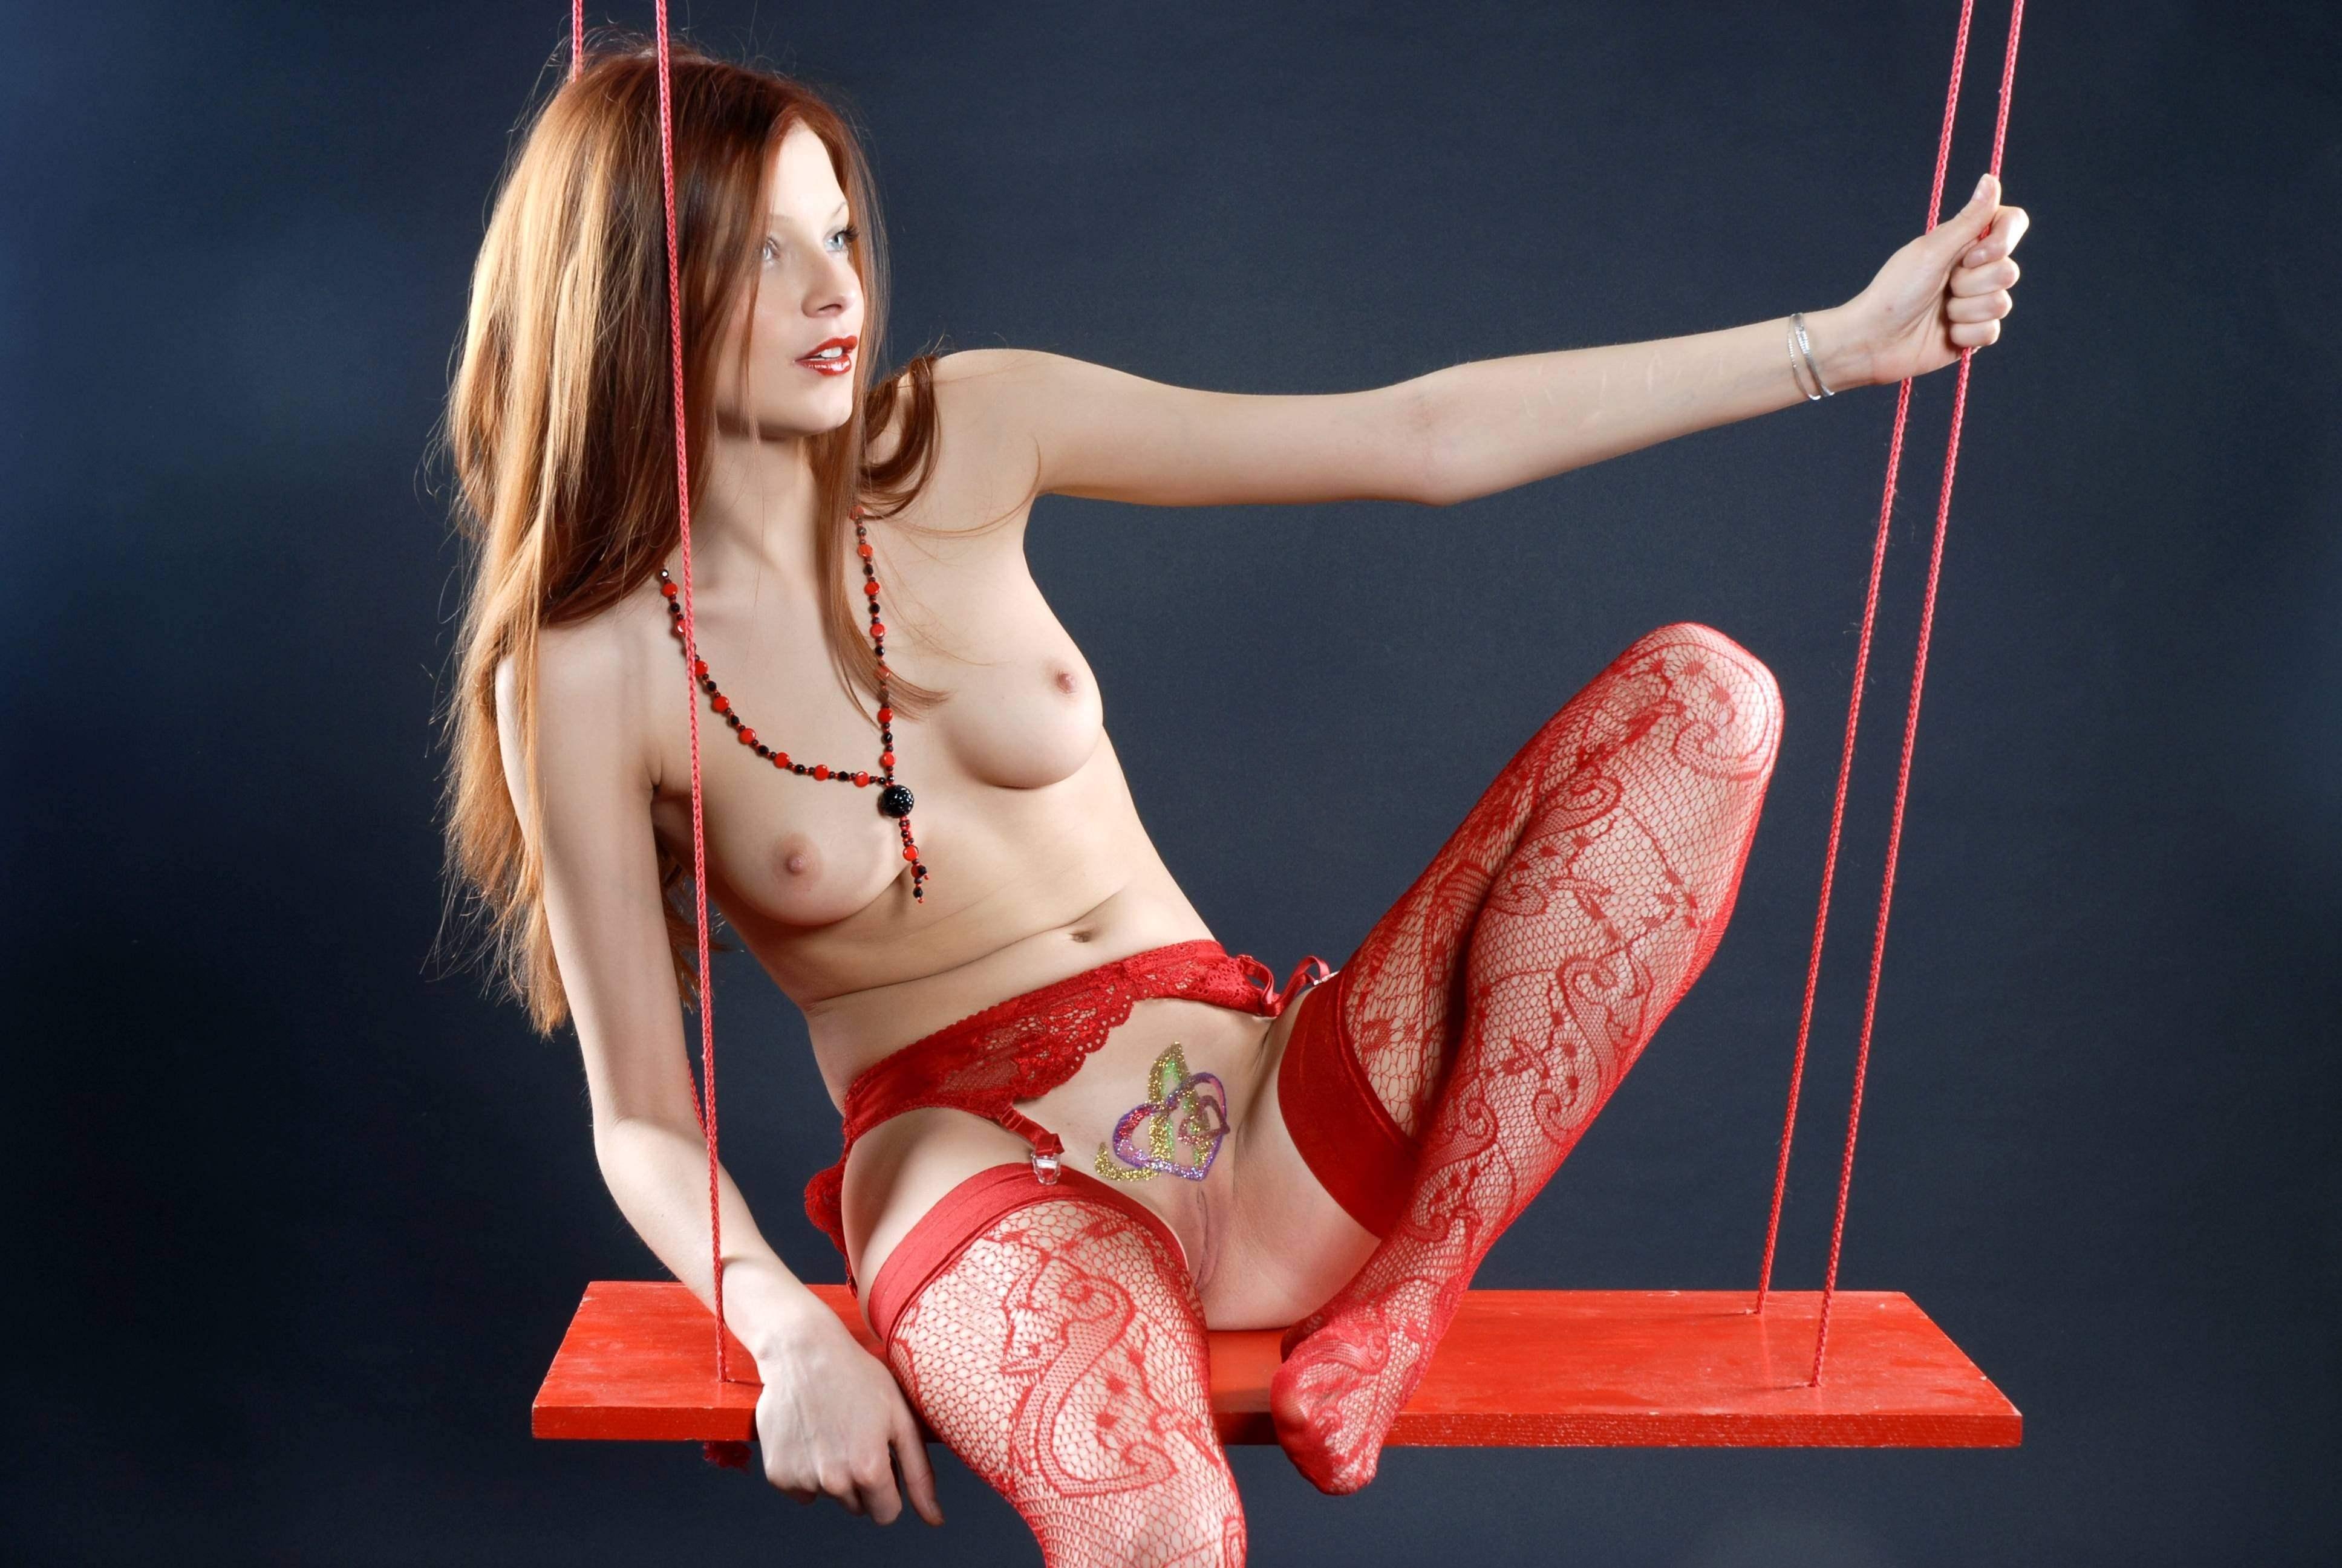 Фото Девушка качается на качелях, красные узорчатые чулки, тату на лобке, обнаженная грудь, бритая татуированная киска между ног, скачать картинку бесплатно